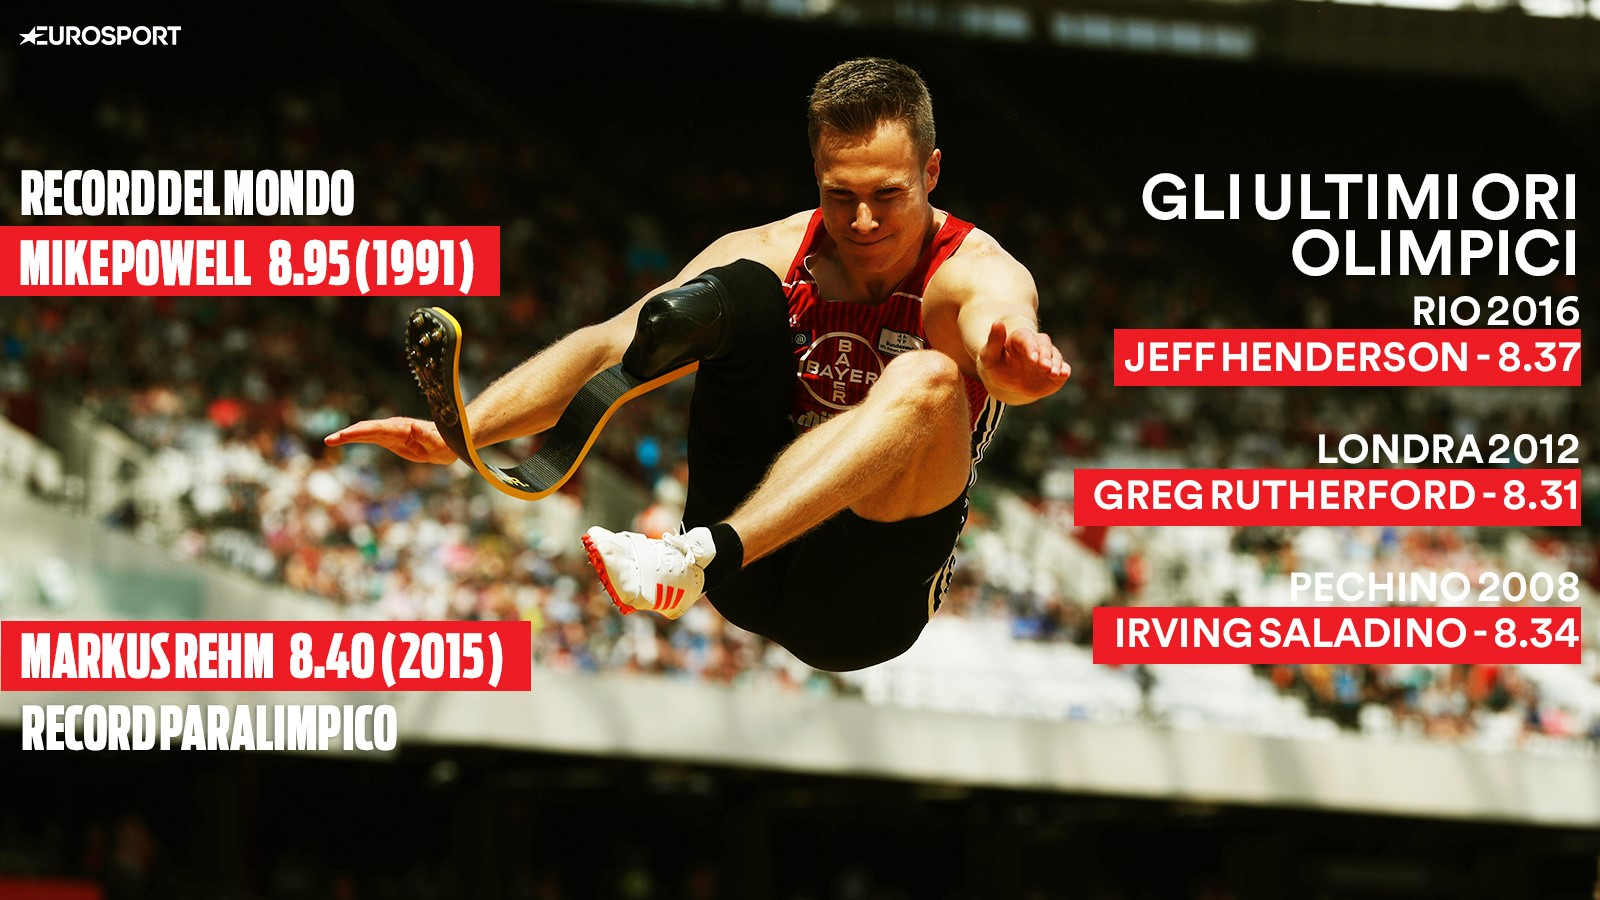 Markus Rehm a confronto con i normodotati, tra record mondiali e ori olimpici